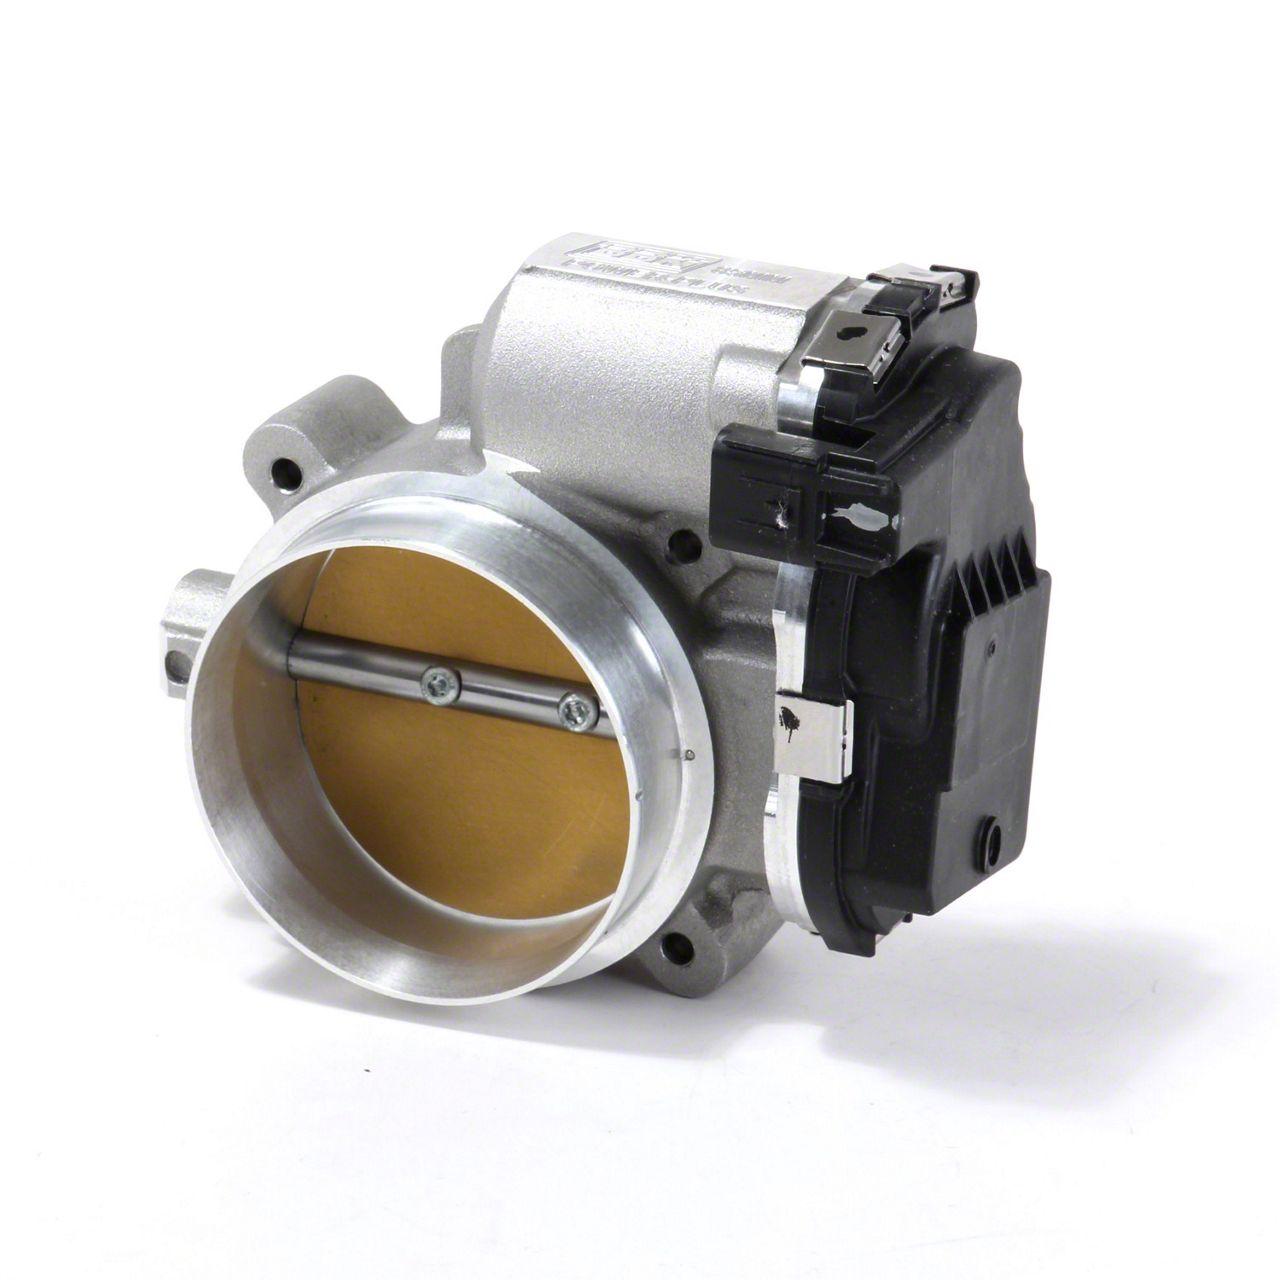 BBK 85mm Throttle Body (13-19 5.7L HEMI, 6.4L HEMI)